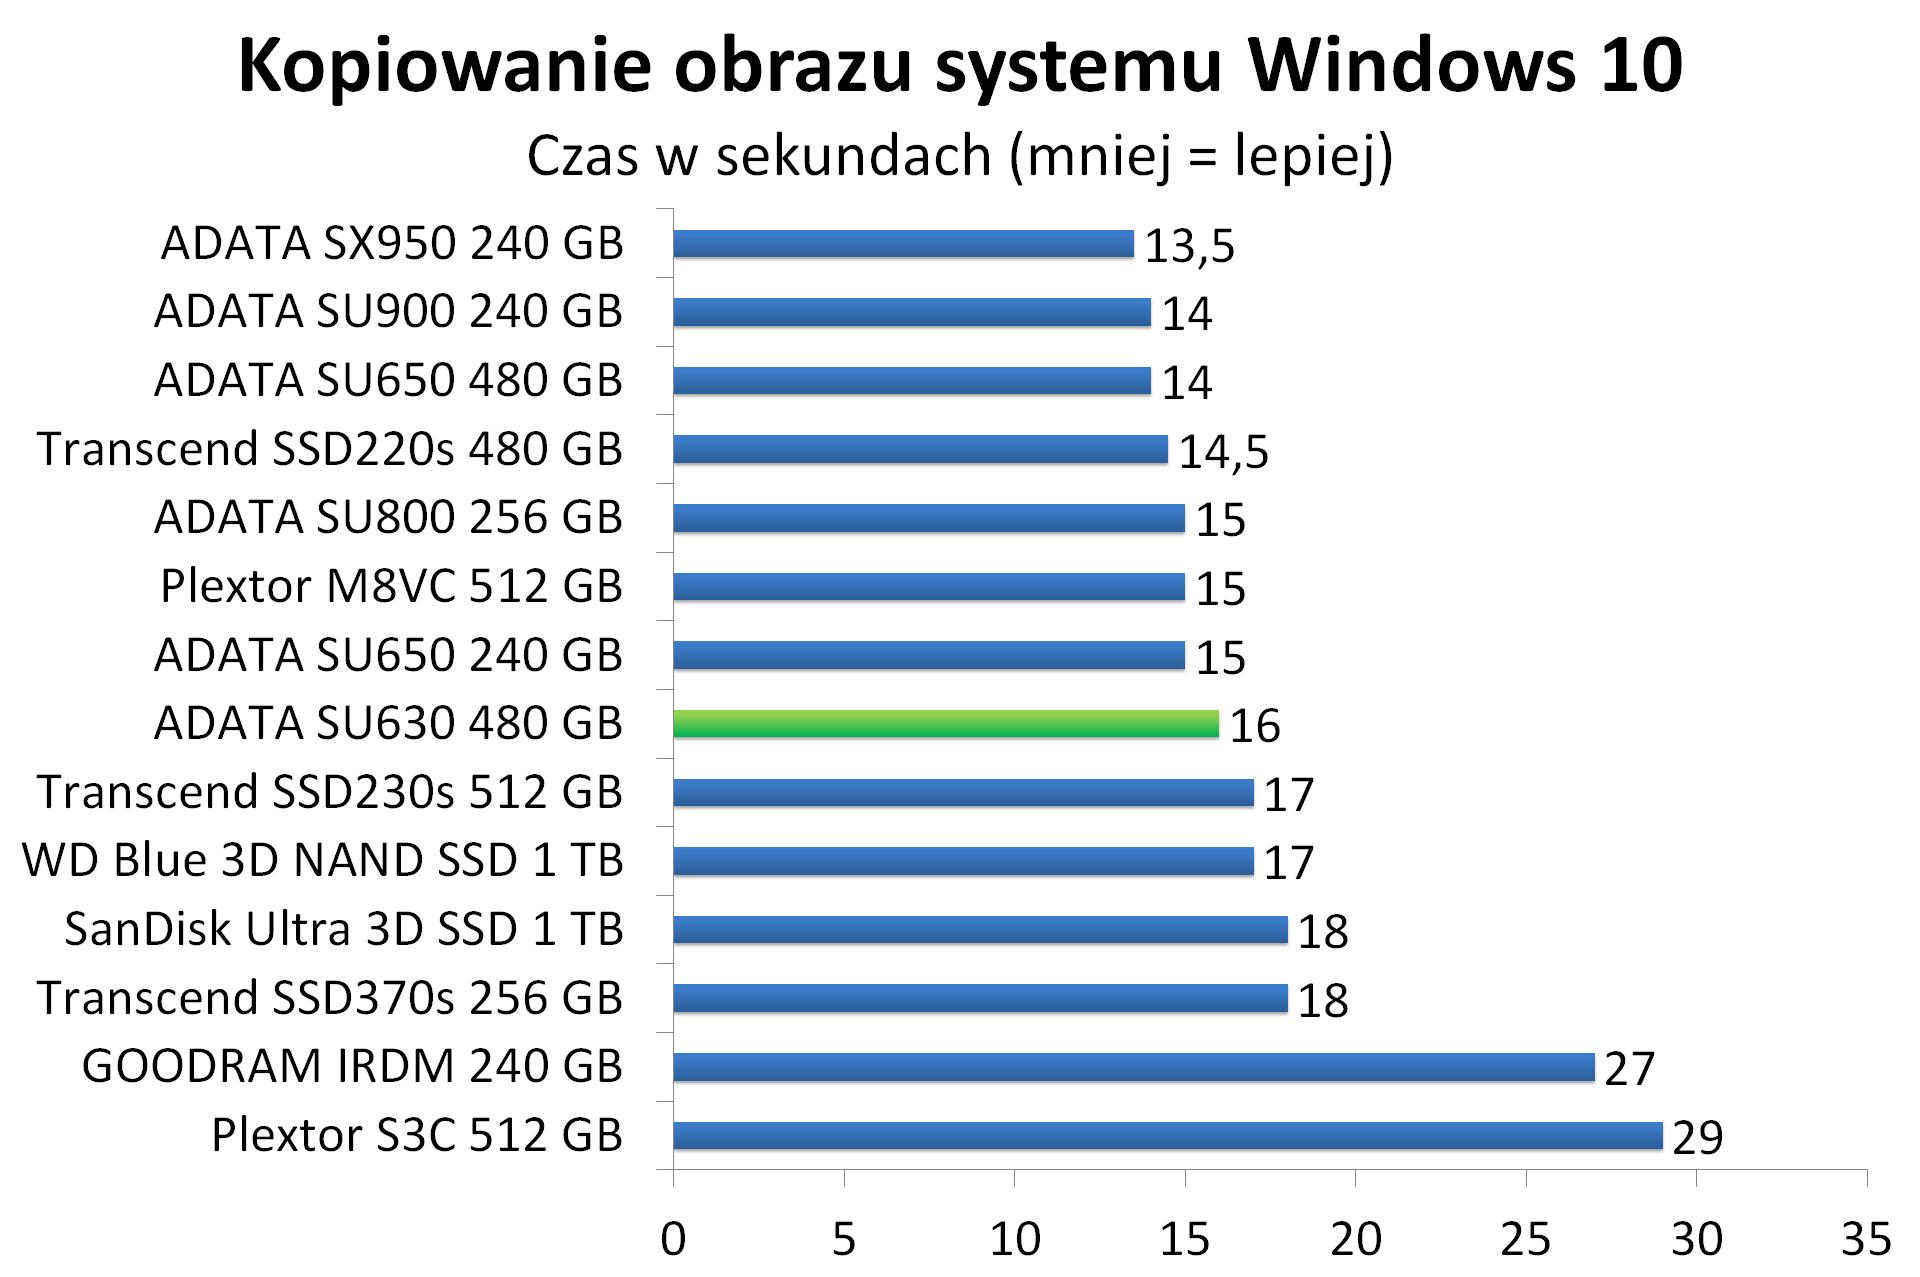 ADATA SU630 480 GB - Kopiowanie obrazu systemu Windows 10